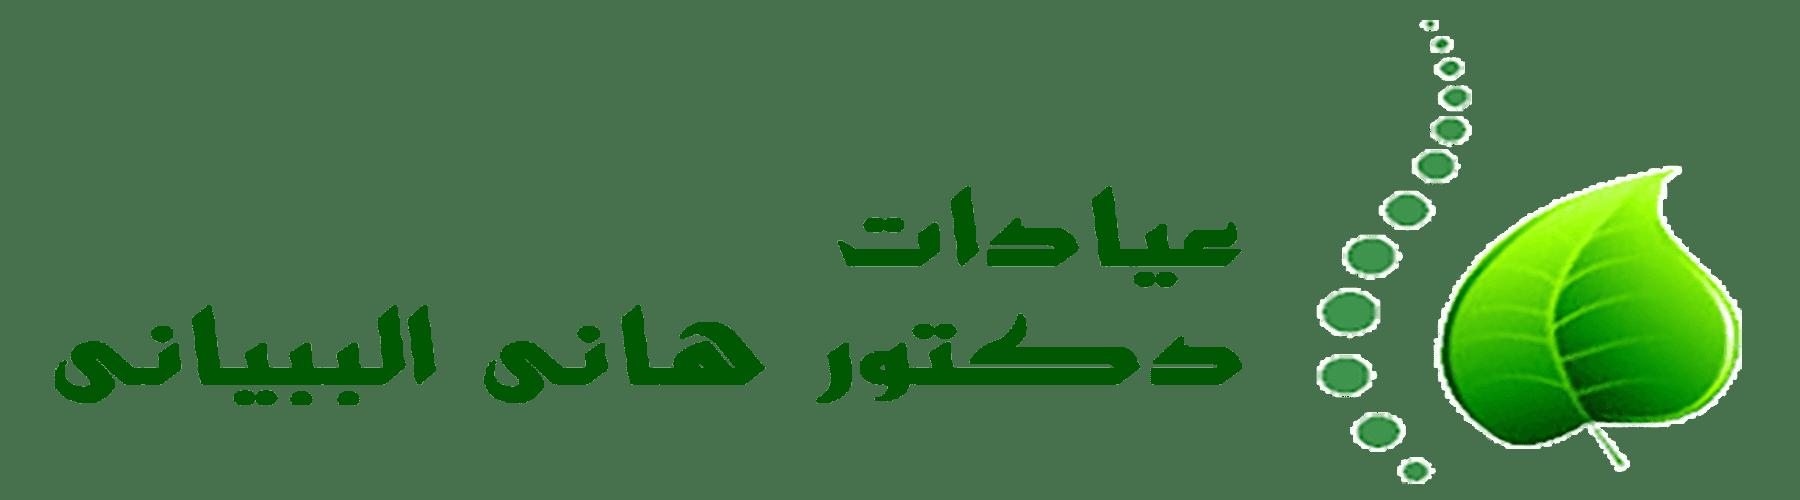 Dr. Hany Elbibany Clinics